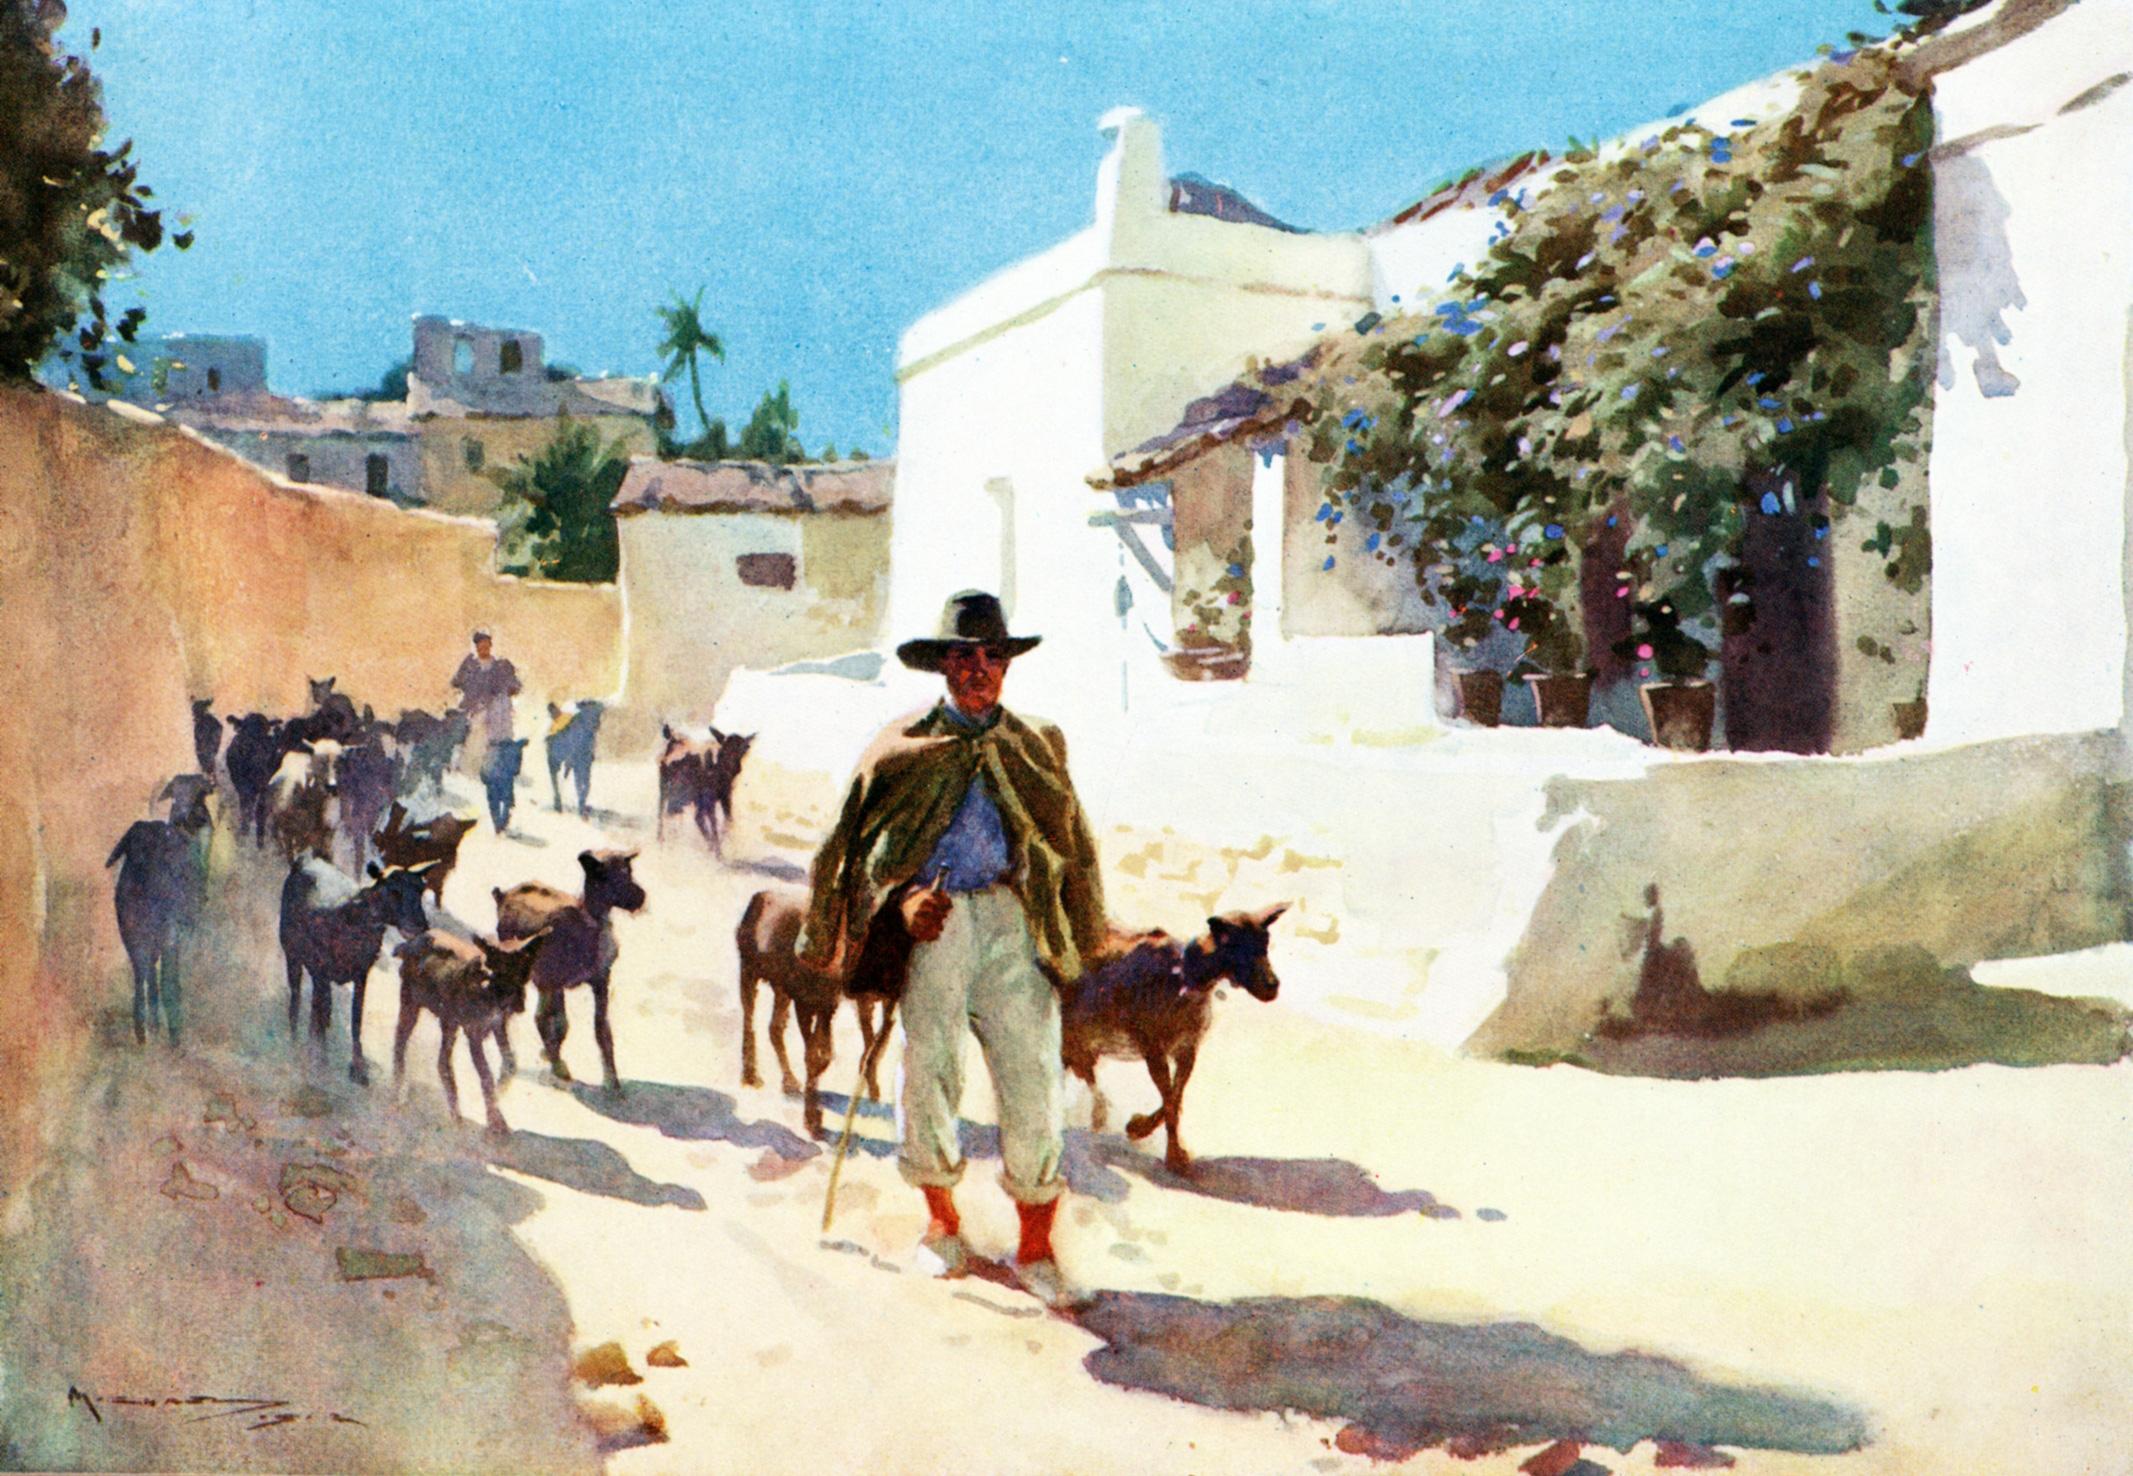 An Artist in Spain / Michael, A.C.